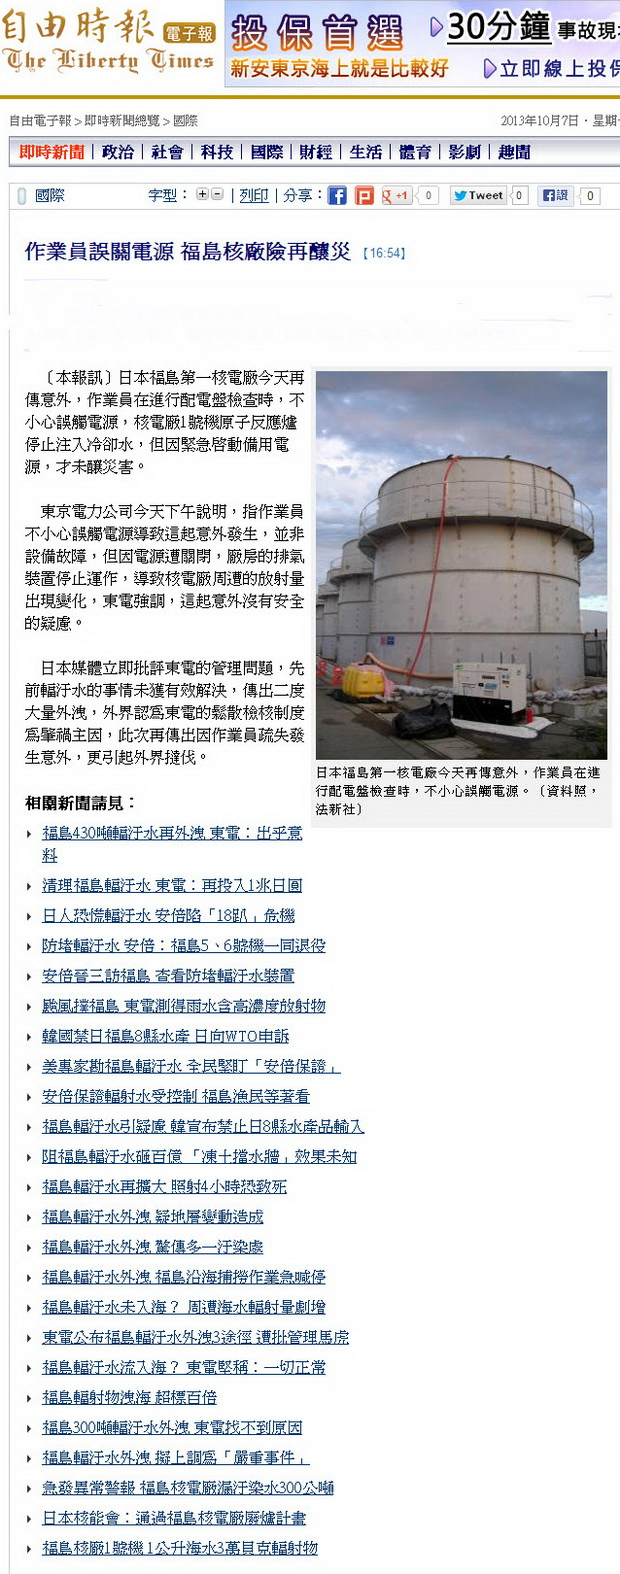 作業員誤關電源 福島核廠險再釀災-2013.10.07.jpg